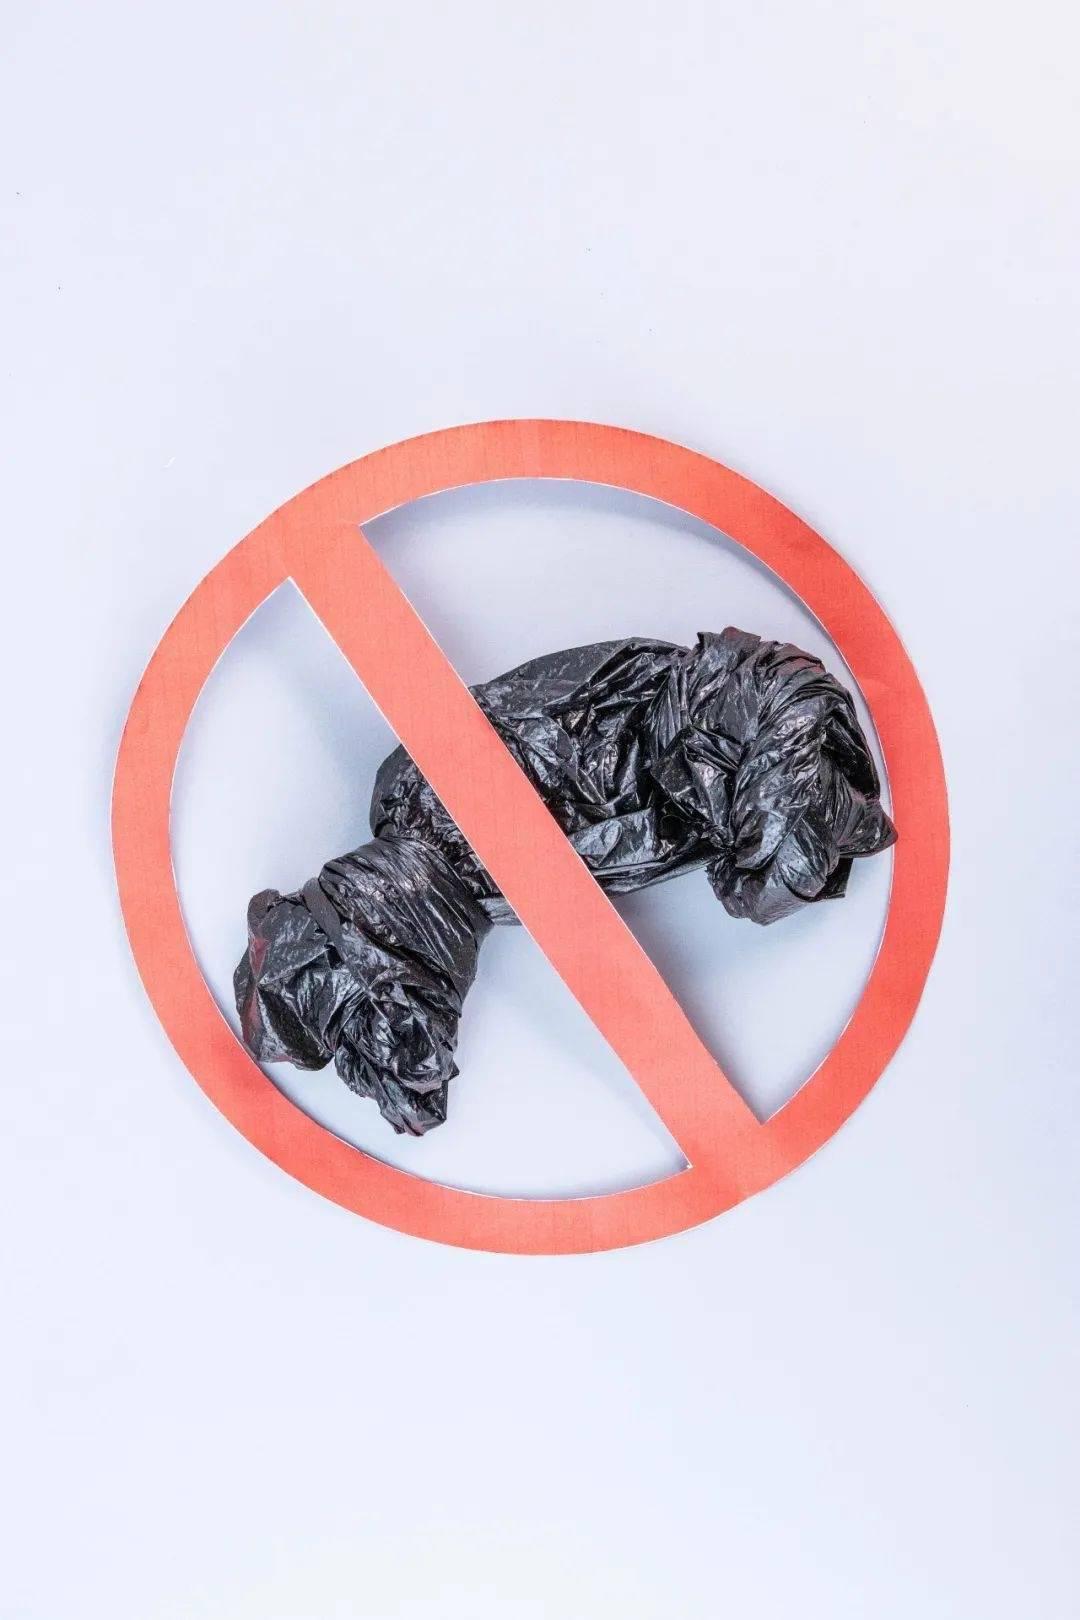 我为群众办实事丨公益诉讼助推塑料污染治理 守护人民美好生活